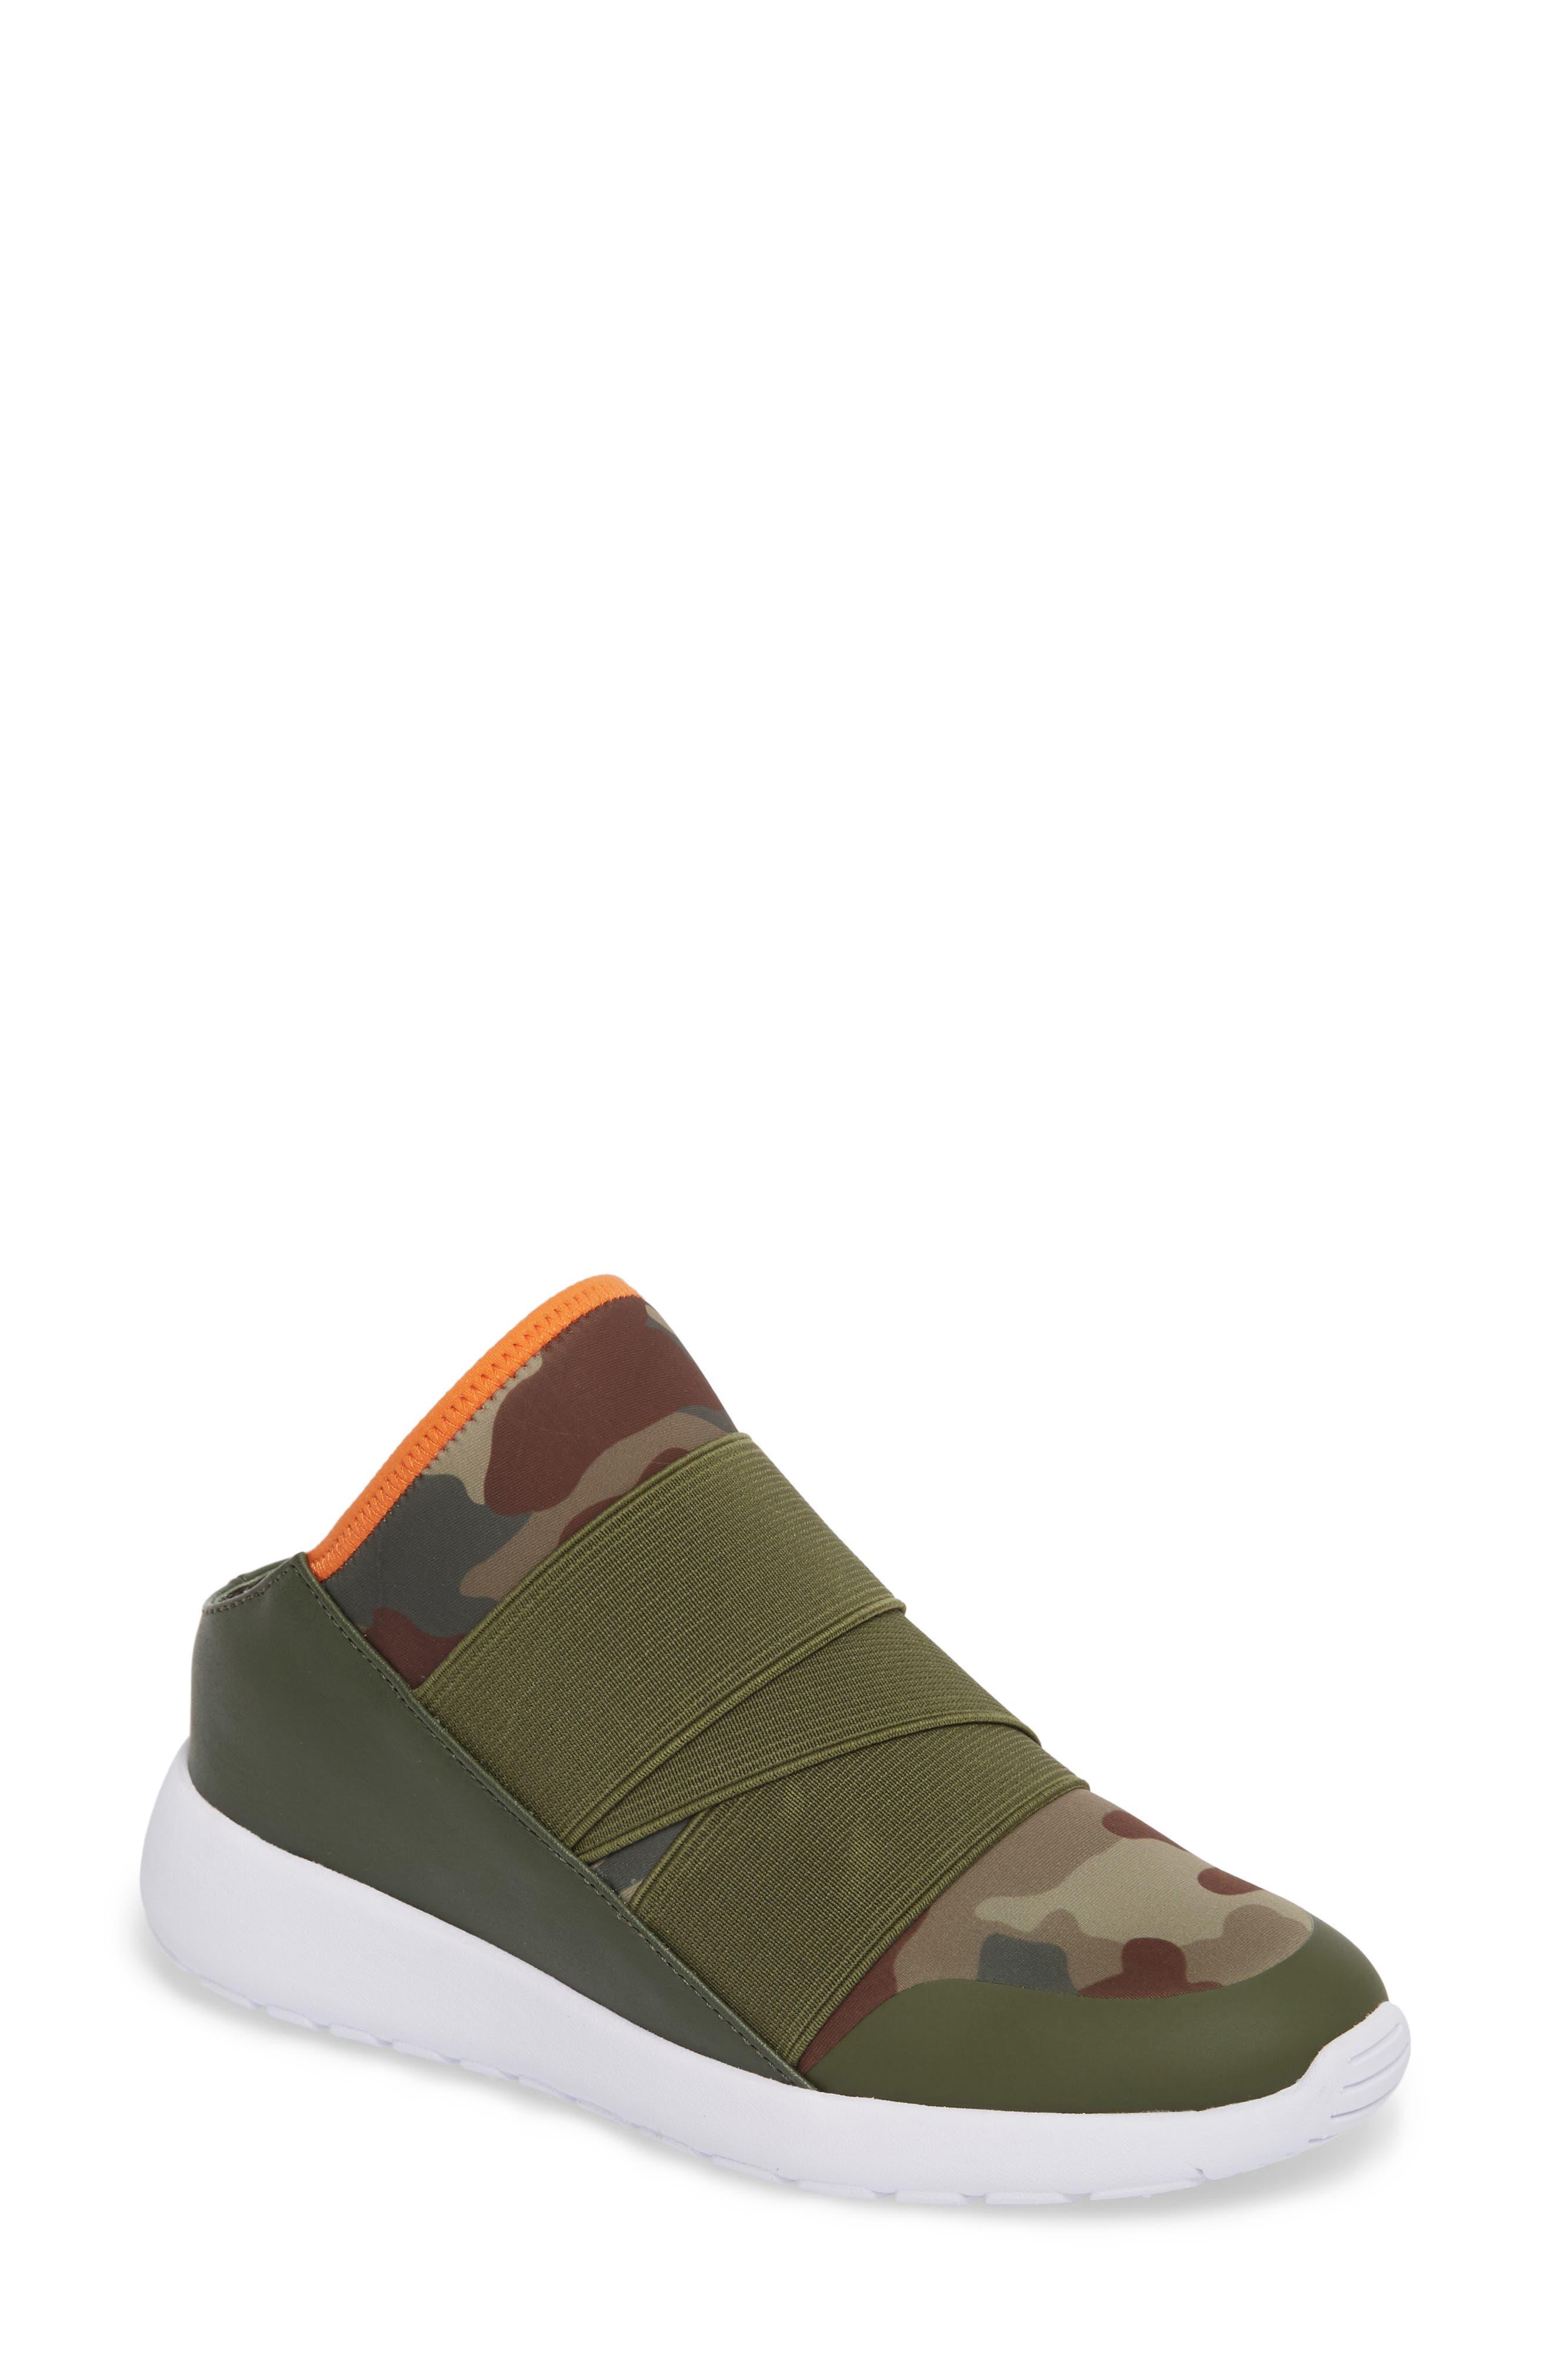 Vine Slip-On Sneaker,                             Main thumbnail 2, color,